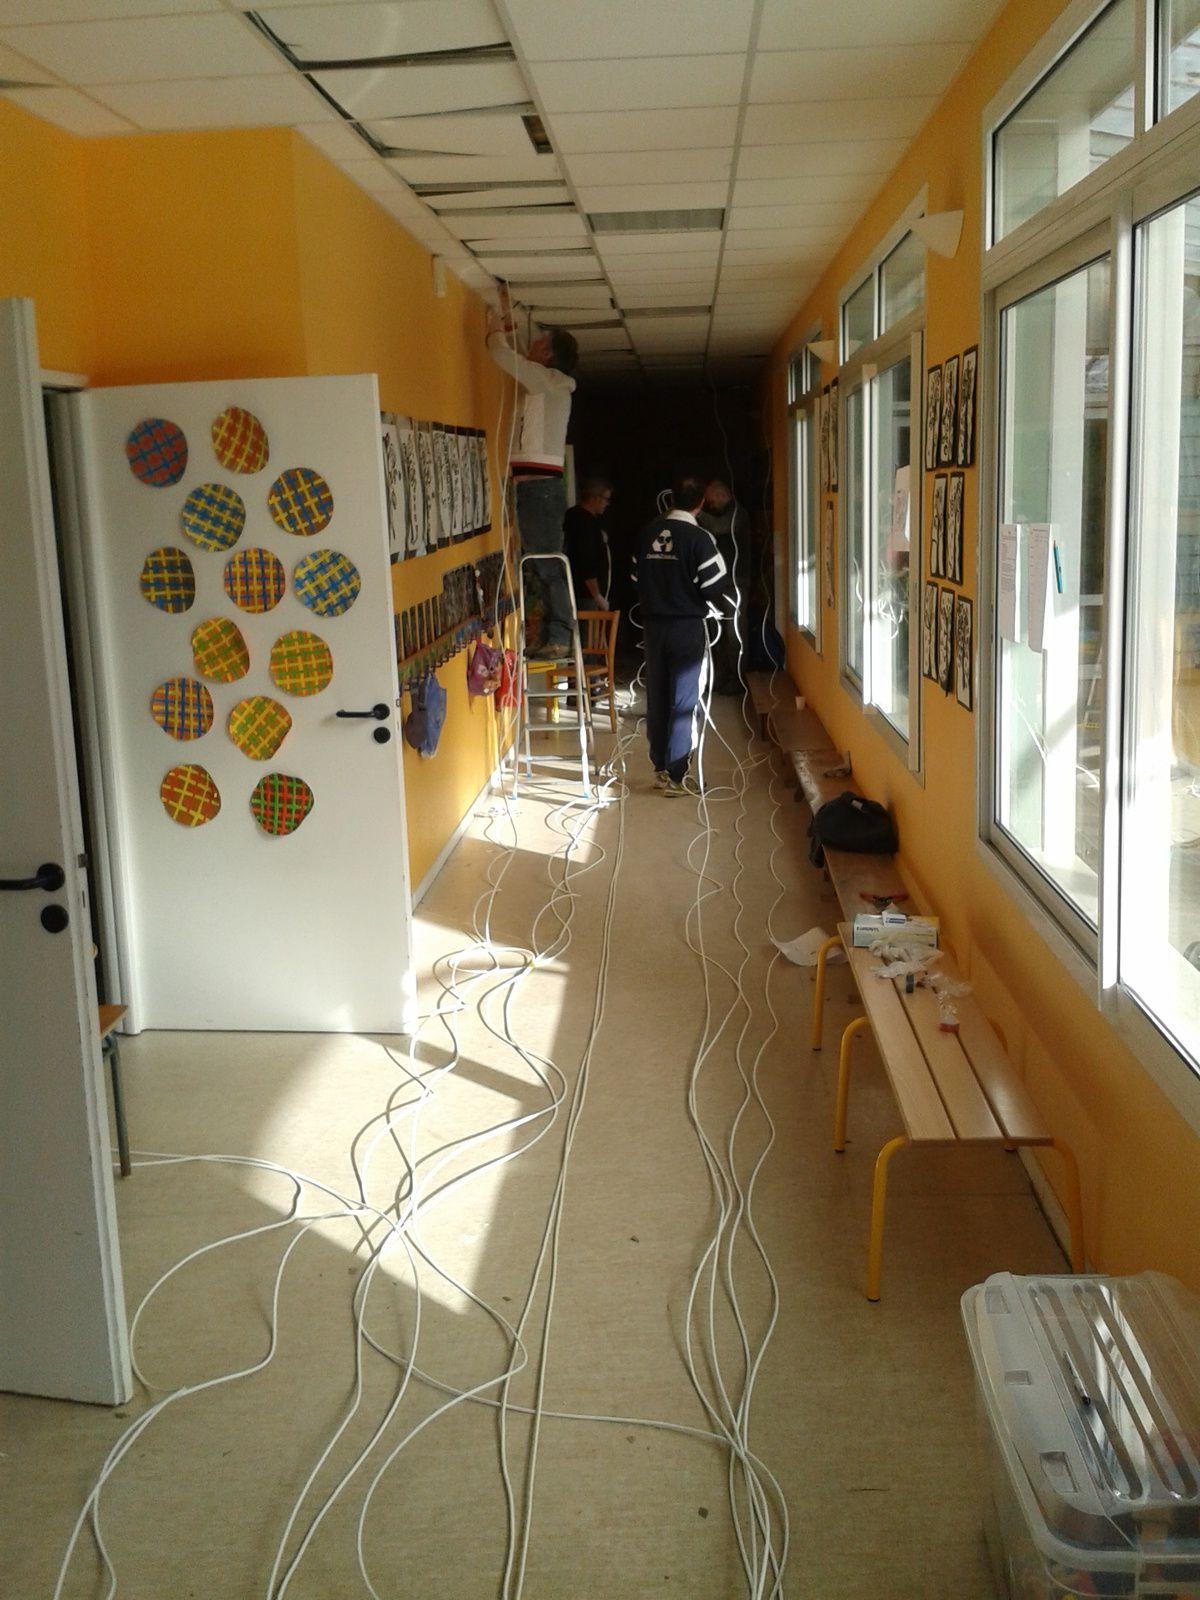 700 mètres de câble ont été déployés dans toute l'école.